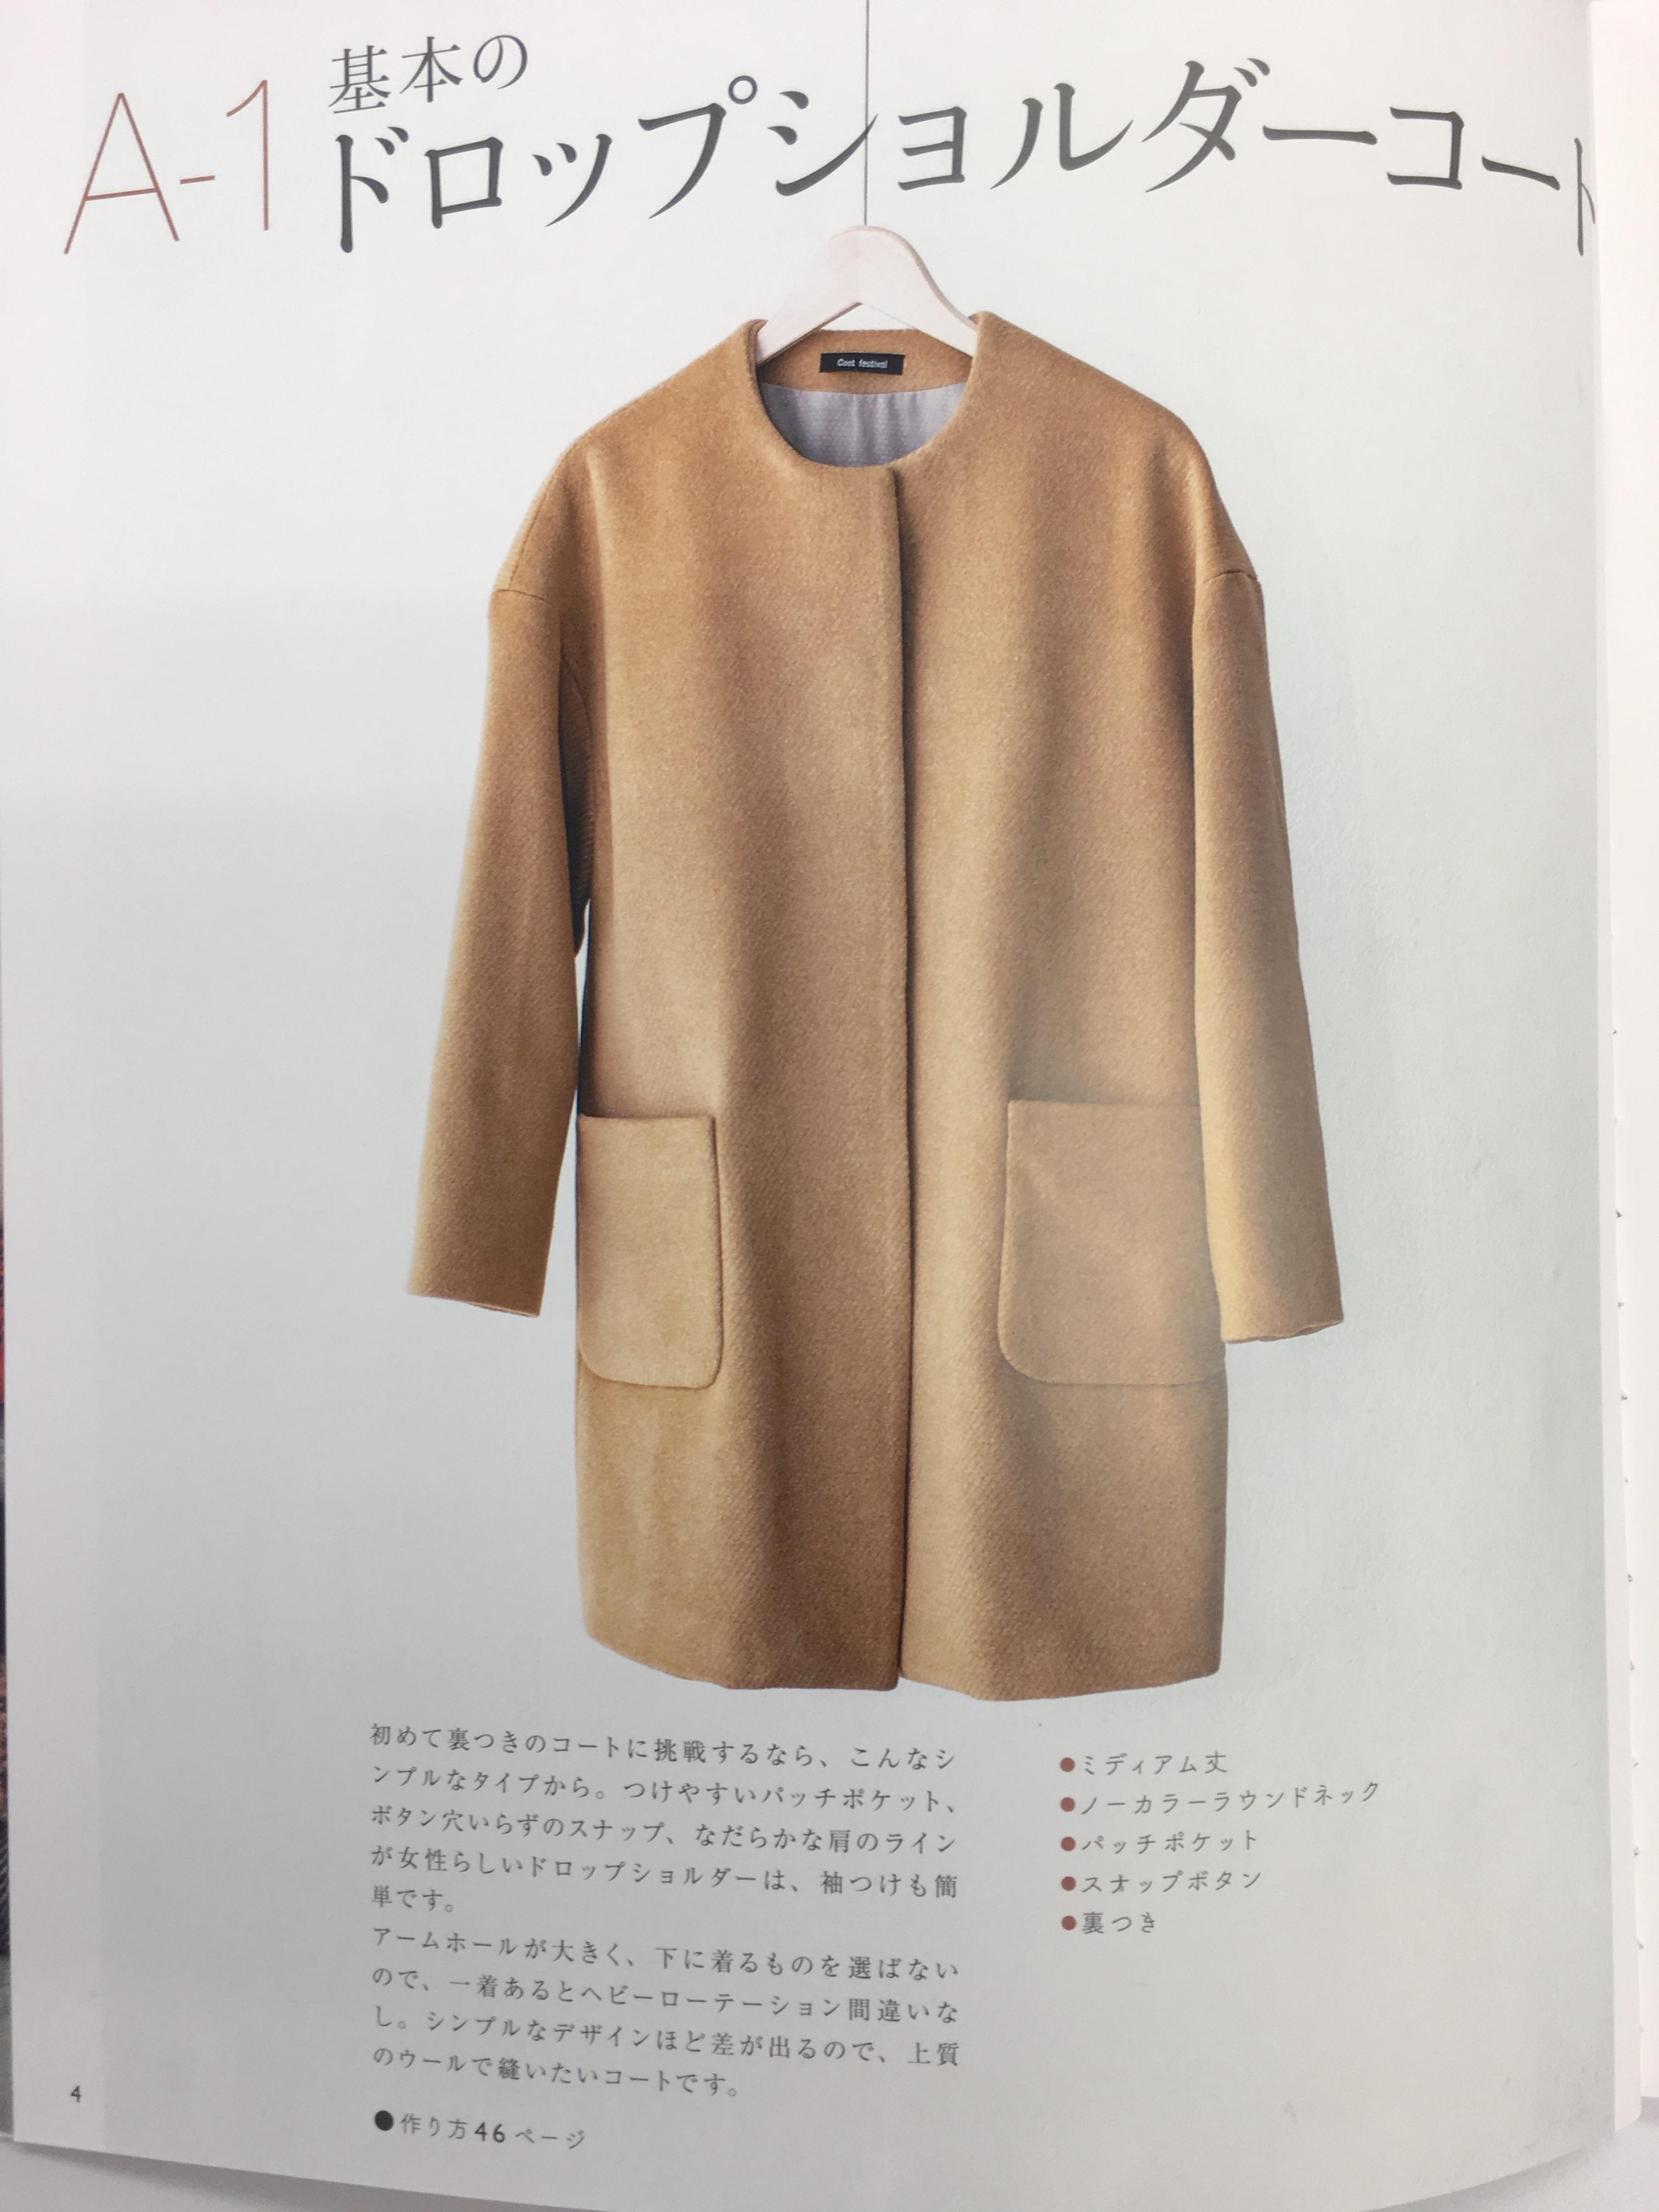 コートを縫おう。 A-1の型紙